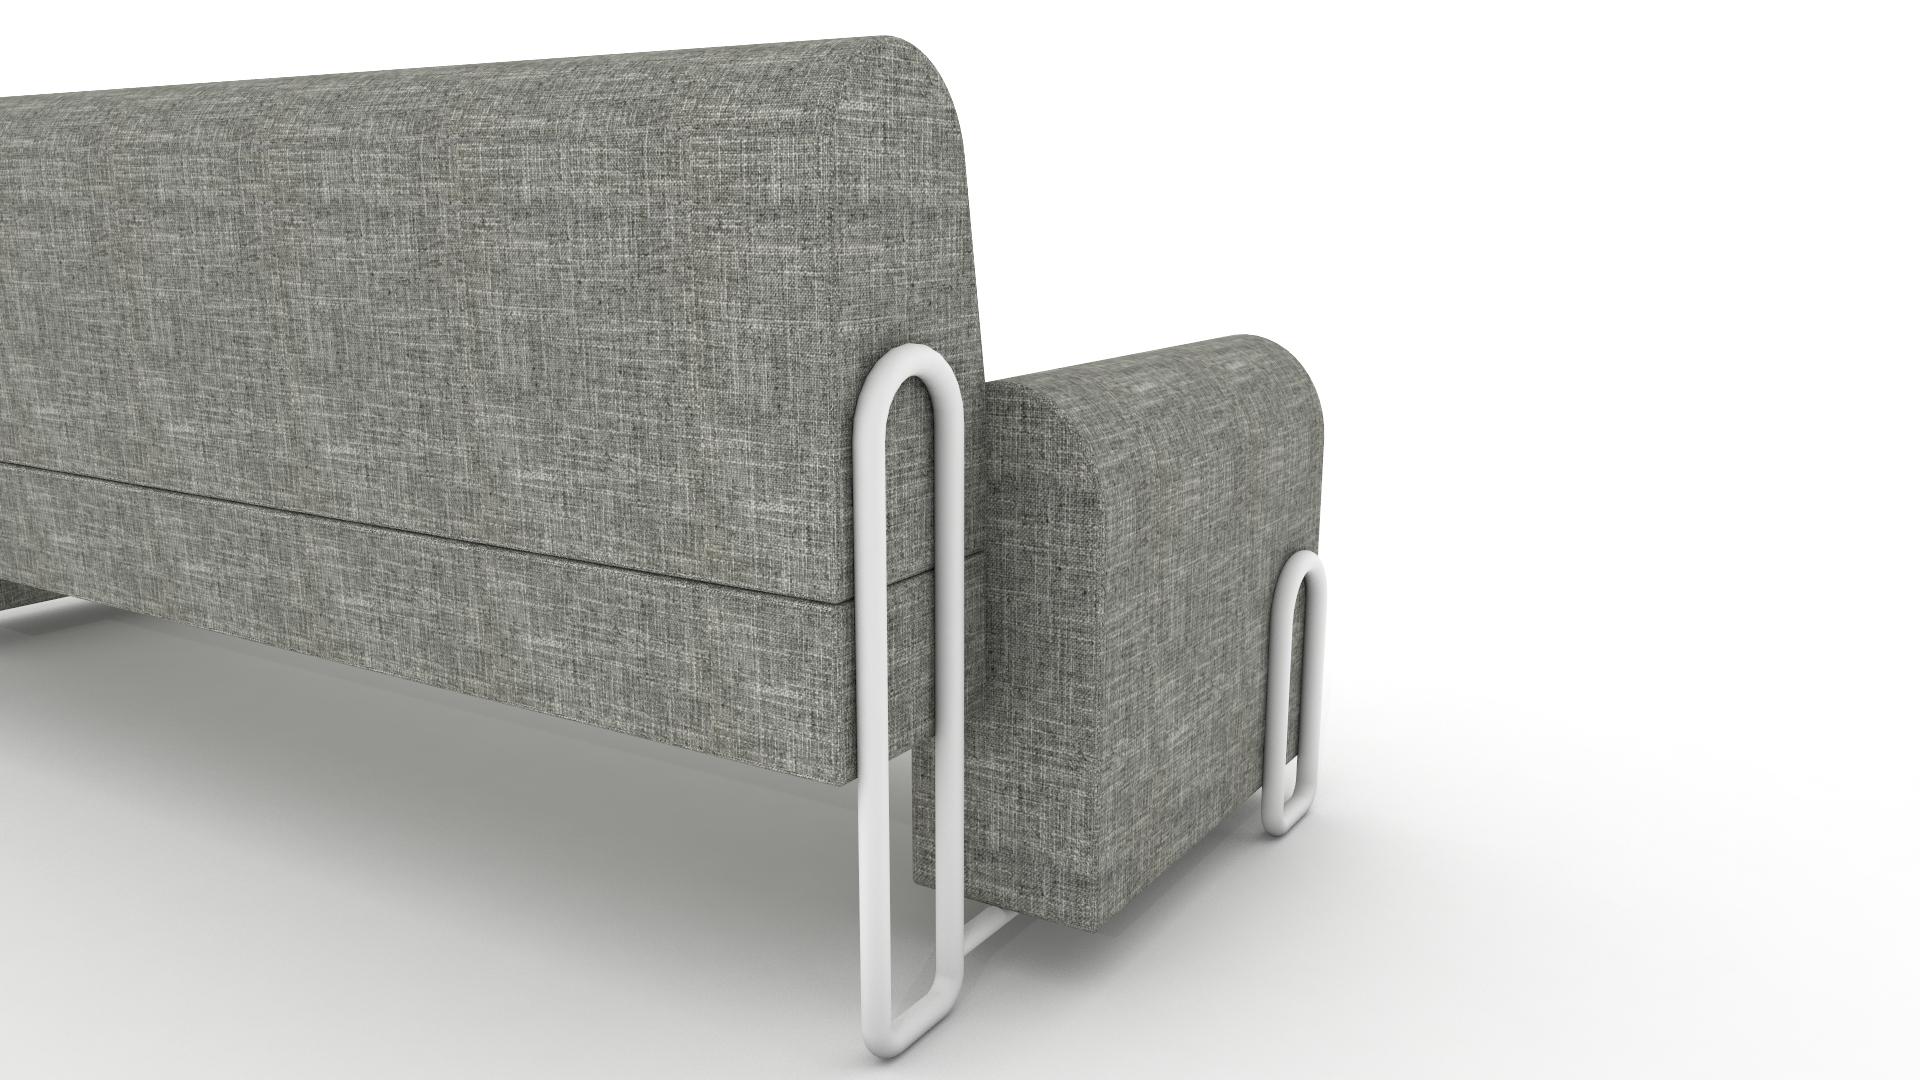 round couch detail .jpg